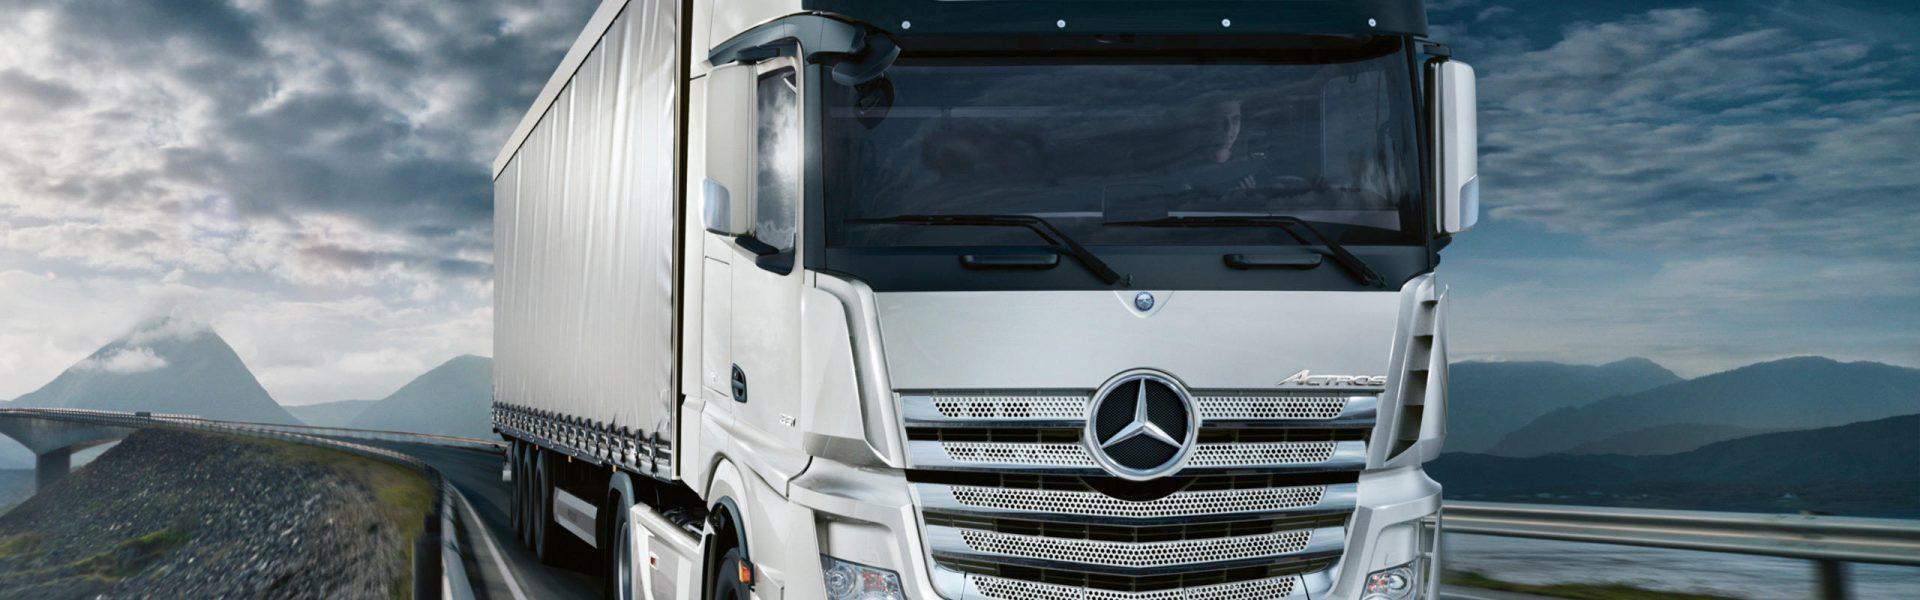 Camión de Mercedes Benz llevando carga por la costa